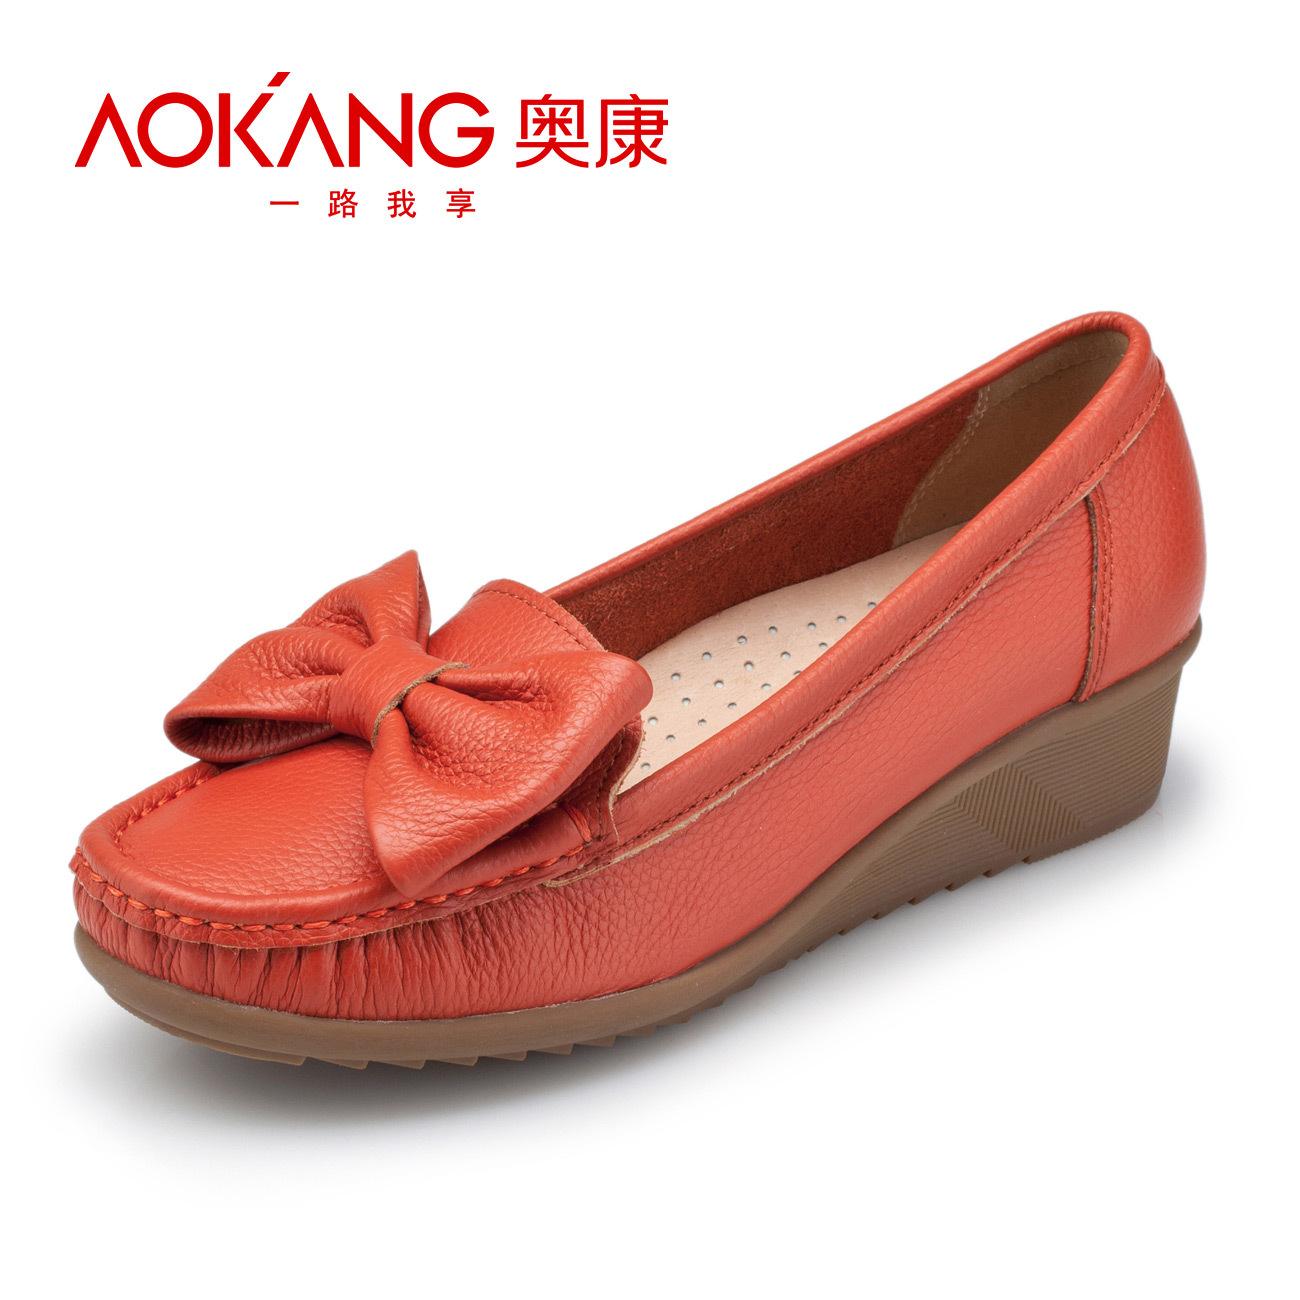 2013新款aokang/奥康女鞋 时尚女单鞋 女士单鞋 专柜正品假一赔十